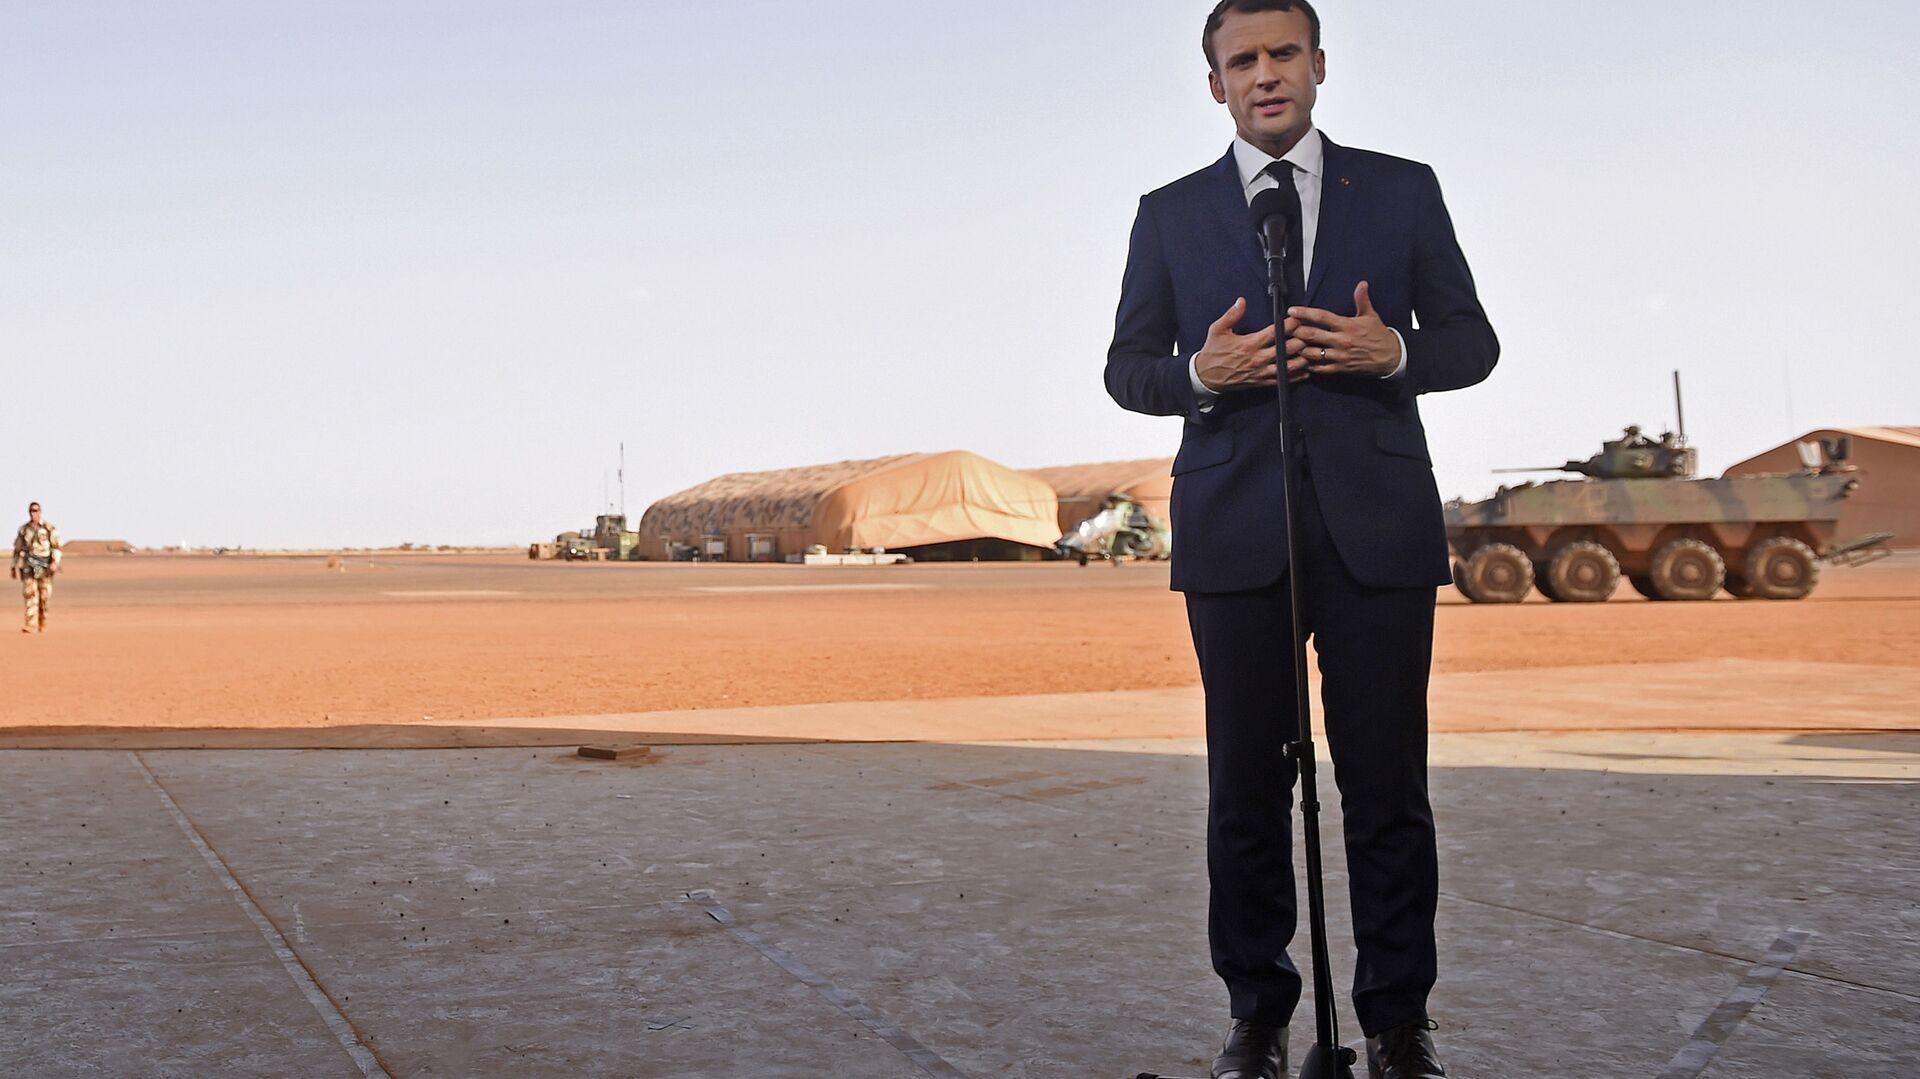 Emmanuel Macron au Mali en 2017 - Sputnik France, 1920, 17.09.2021